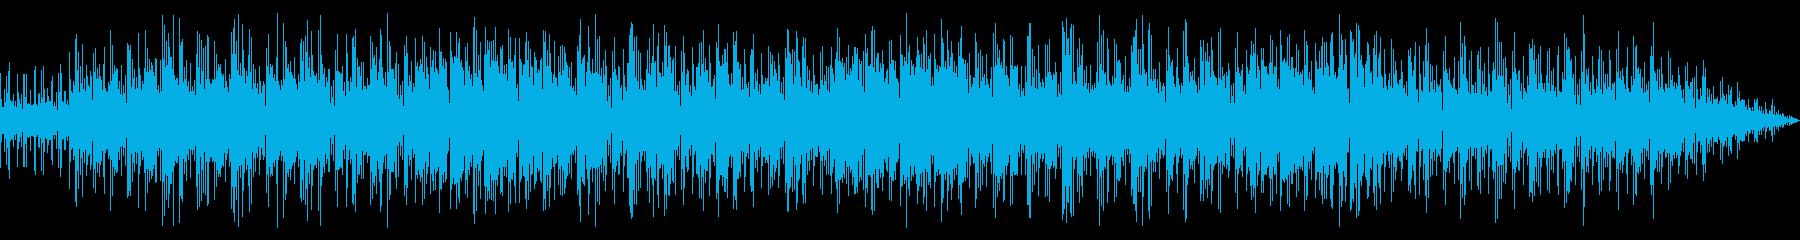 ほんわかしたインストポップの再生済みの波形